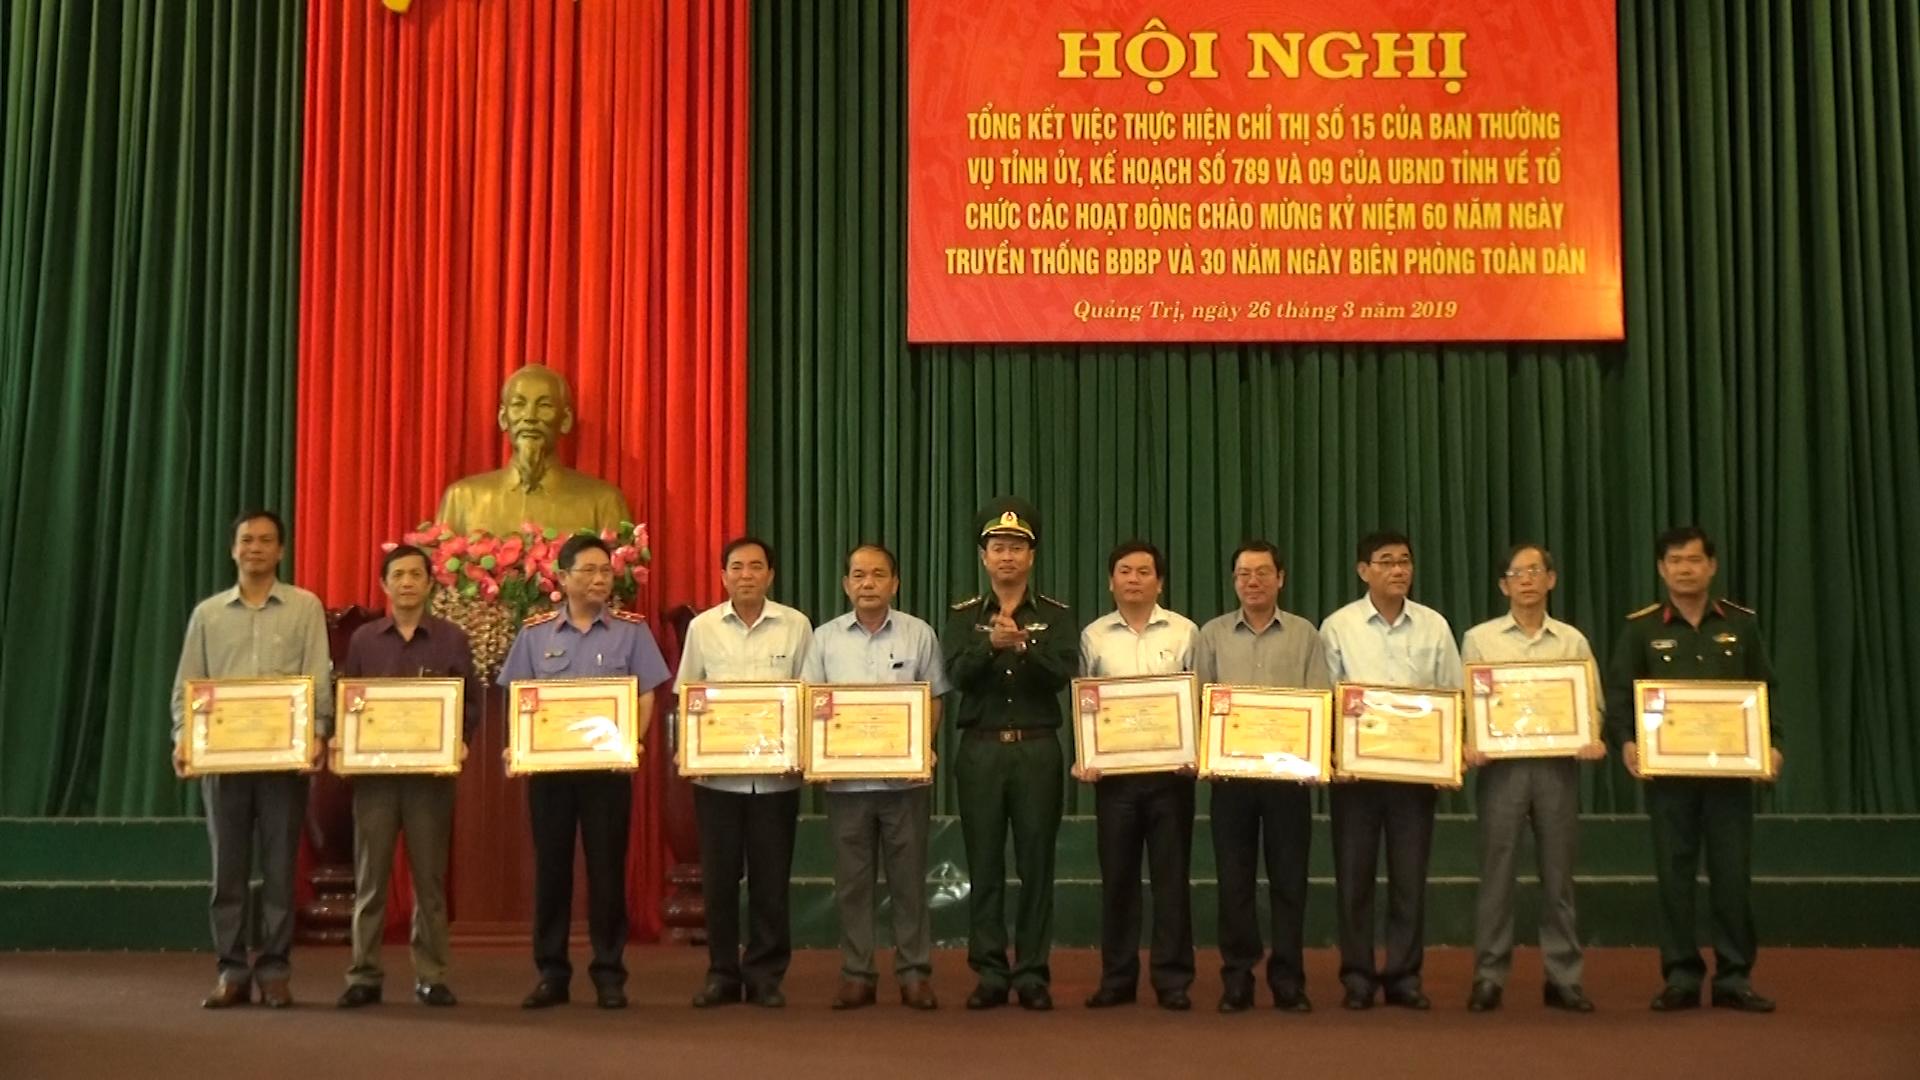 Tổng kết các hoạt động kỷ niệm 60 năm Ngày Truyền thống BĐBP và 30 năm Ngày Biên phòng toàn dân